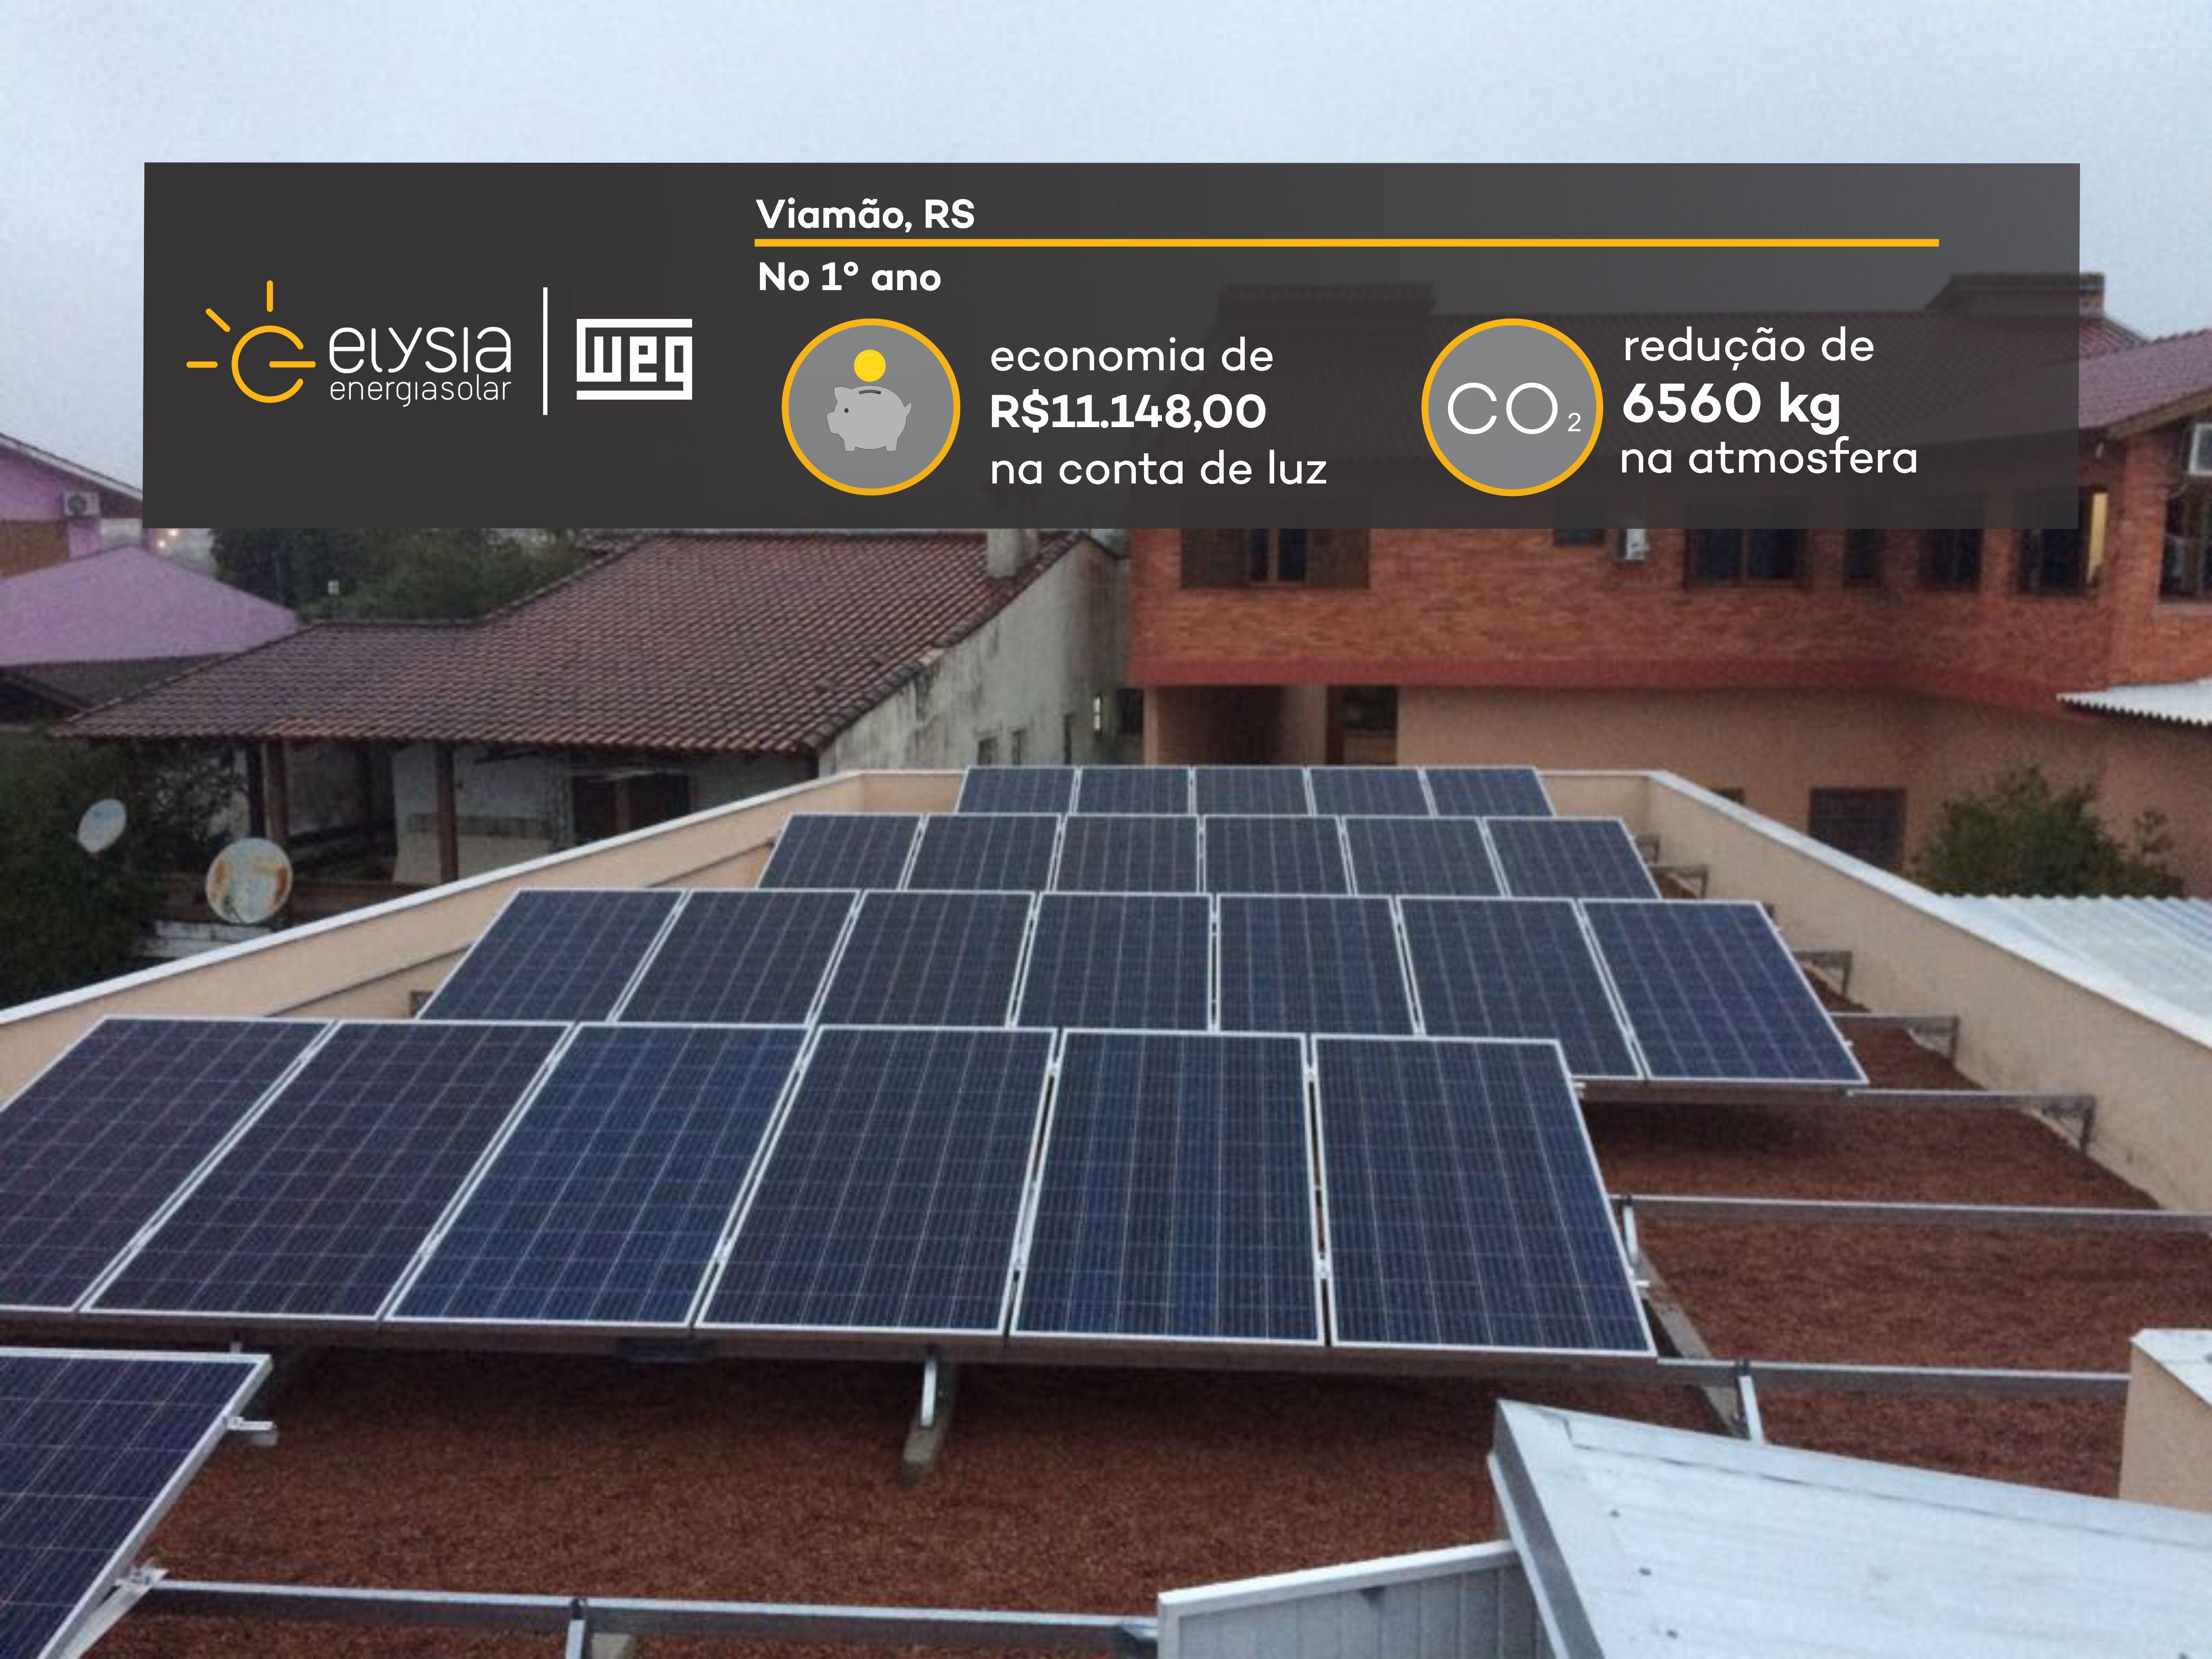 Instalação de energia solar em Viamão - Elysia sistema fotovoltaico Rio Grande do Sul